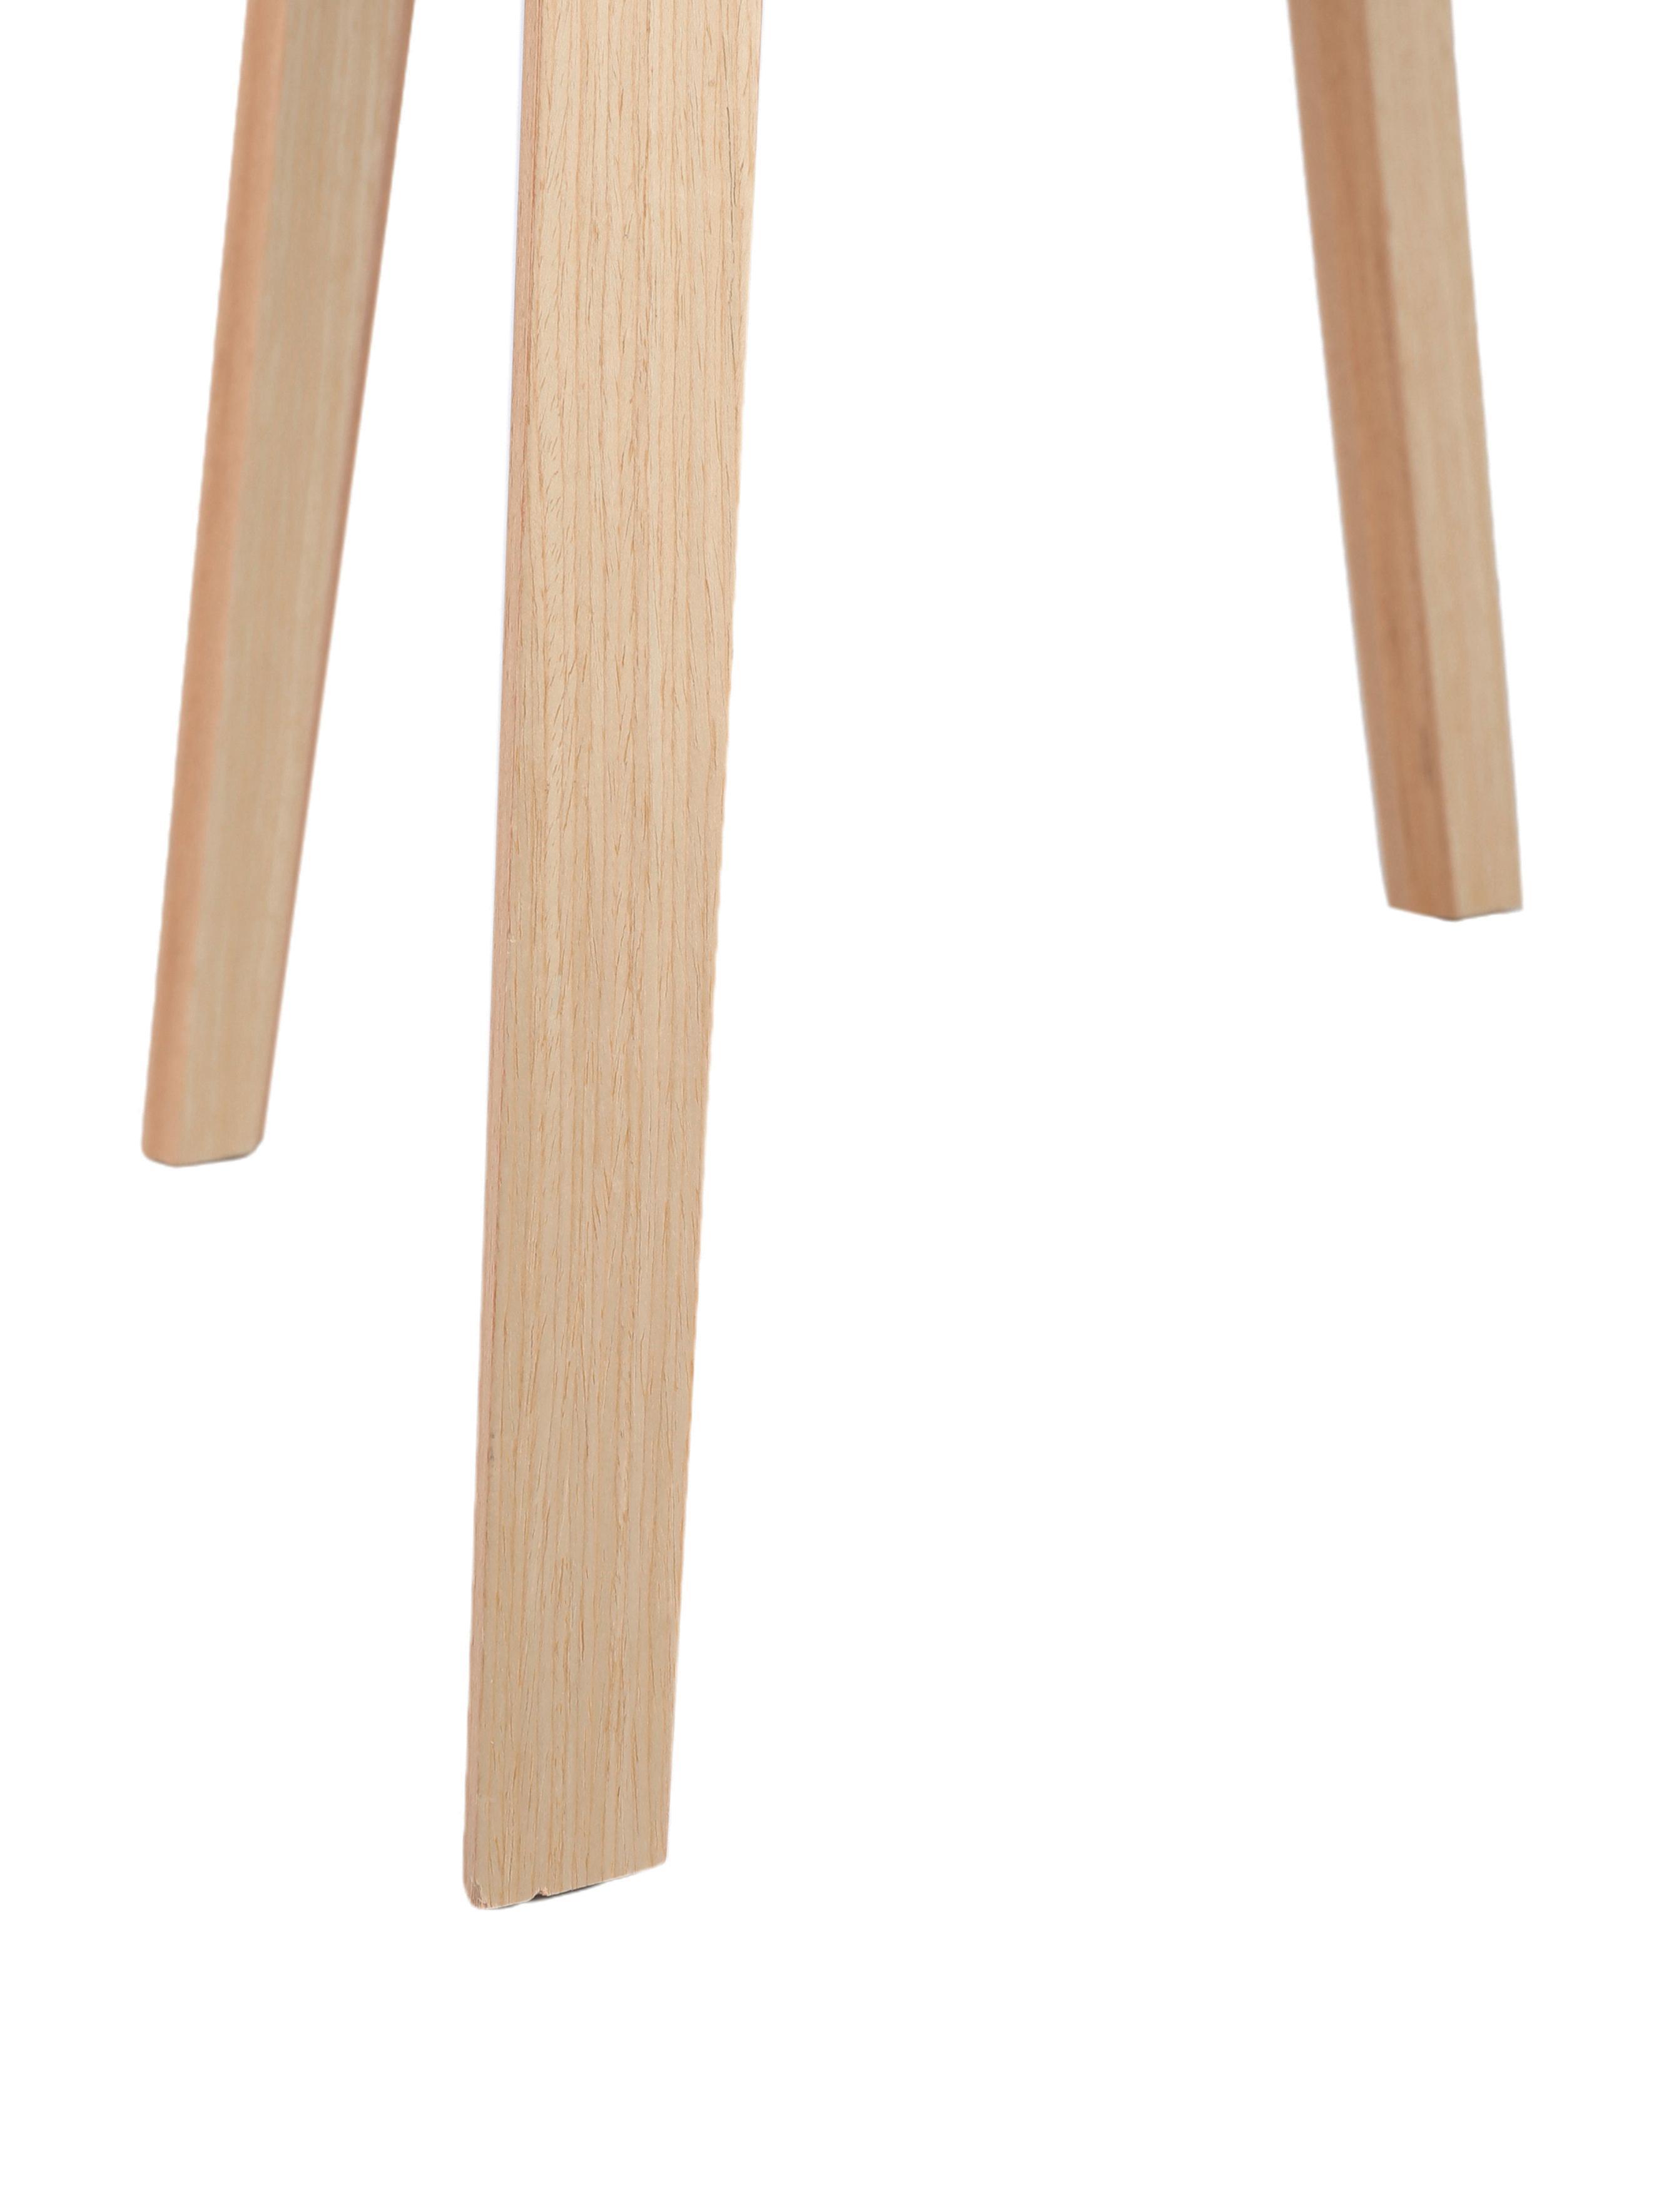 Polsterstuhl Claire mit Armlehne, Sitzschale: Kunststoff, Bezug: Polyester 20.000 Scheuert, Beine: Buchenholz, Webstoff Grau, B 54 x T 60 cm